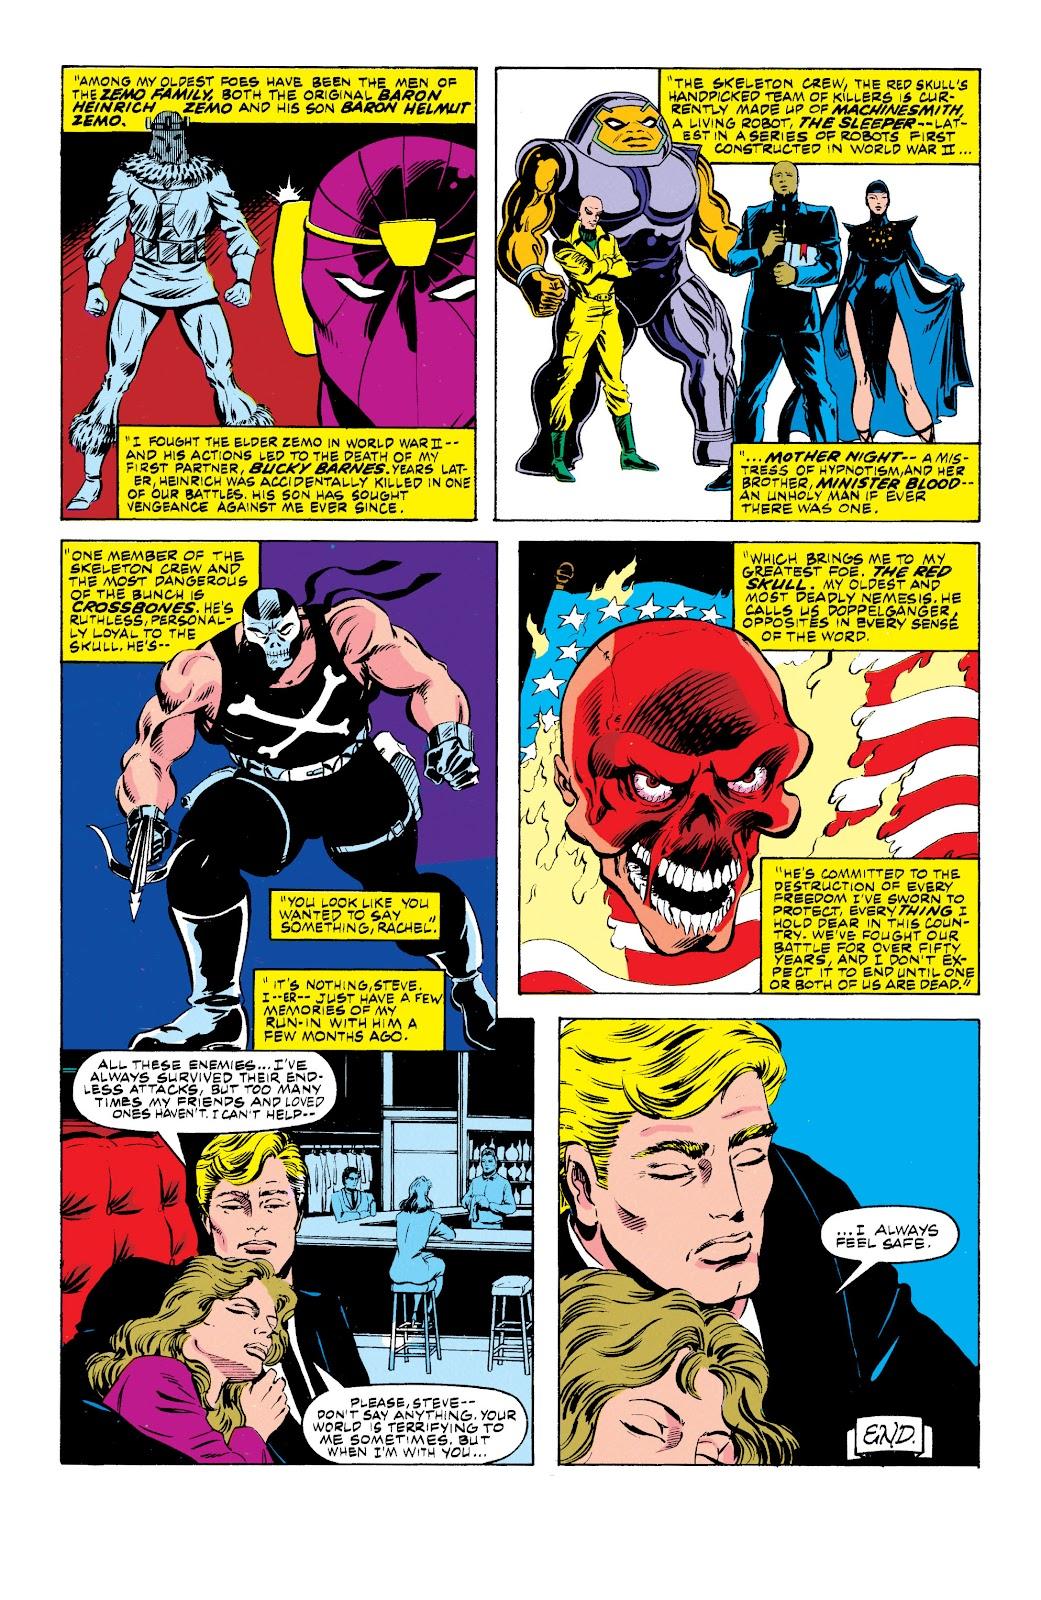 Read online Avengers: Citizen Kang comic -  Issue # TPB (Part 1) - 31